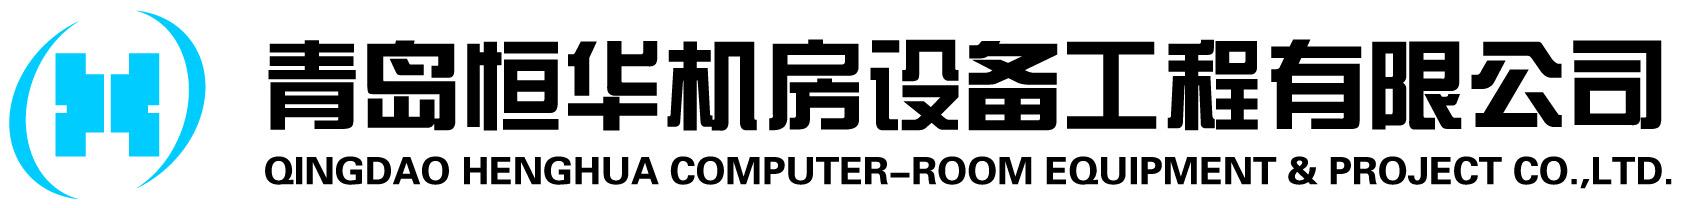 青島恒華機房設備工程有限公司